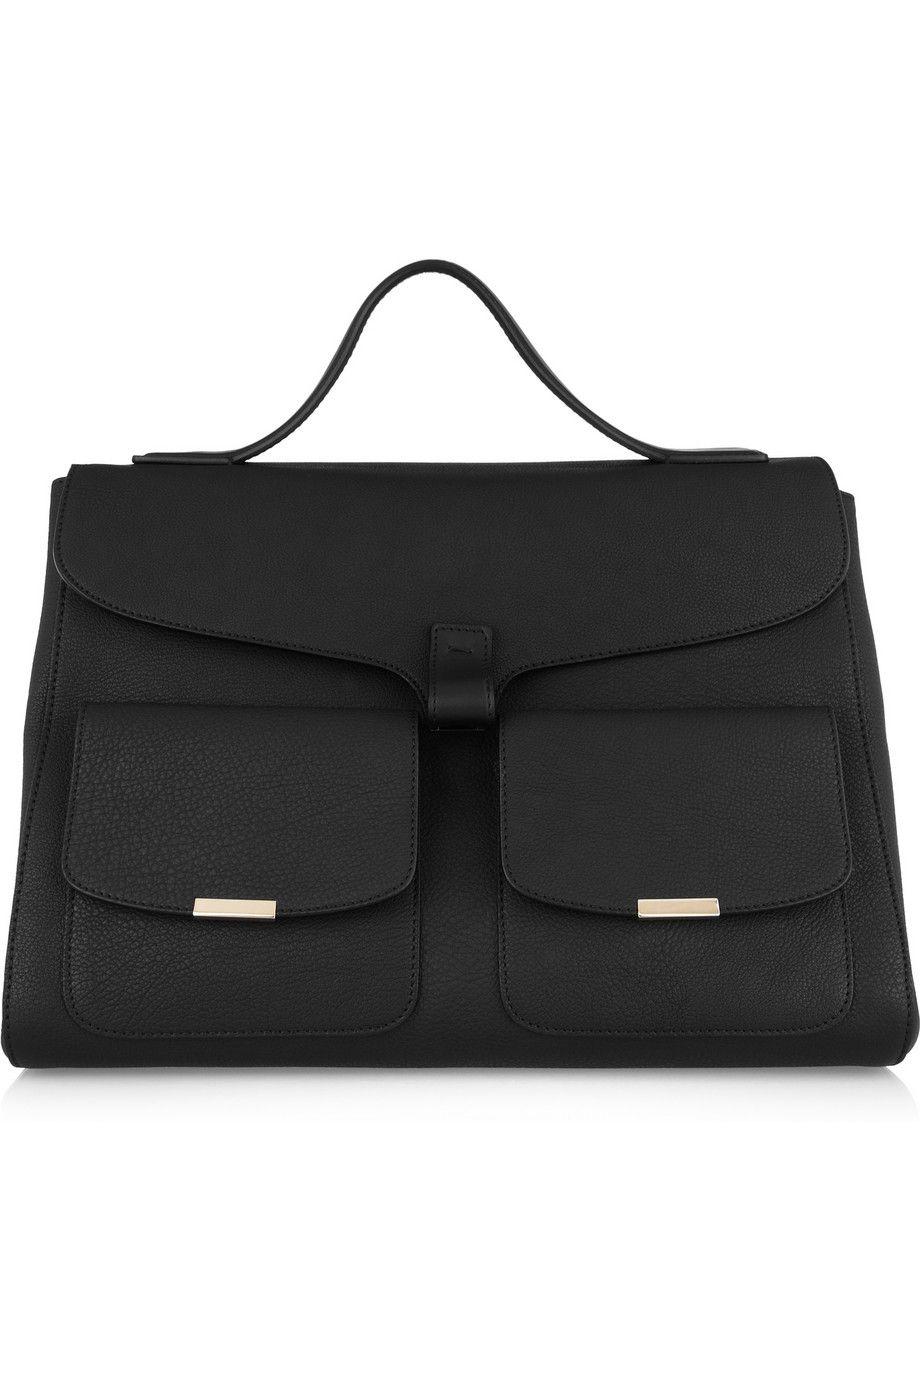 Victoria Beckham Harper Textured Leather Tote